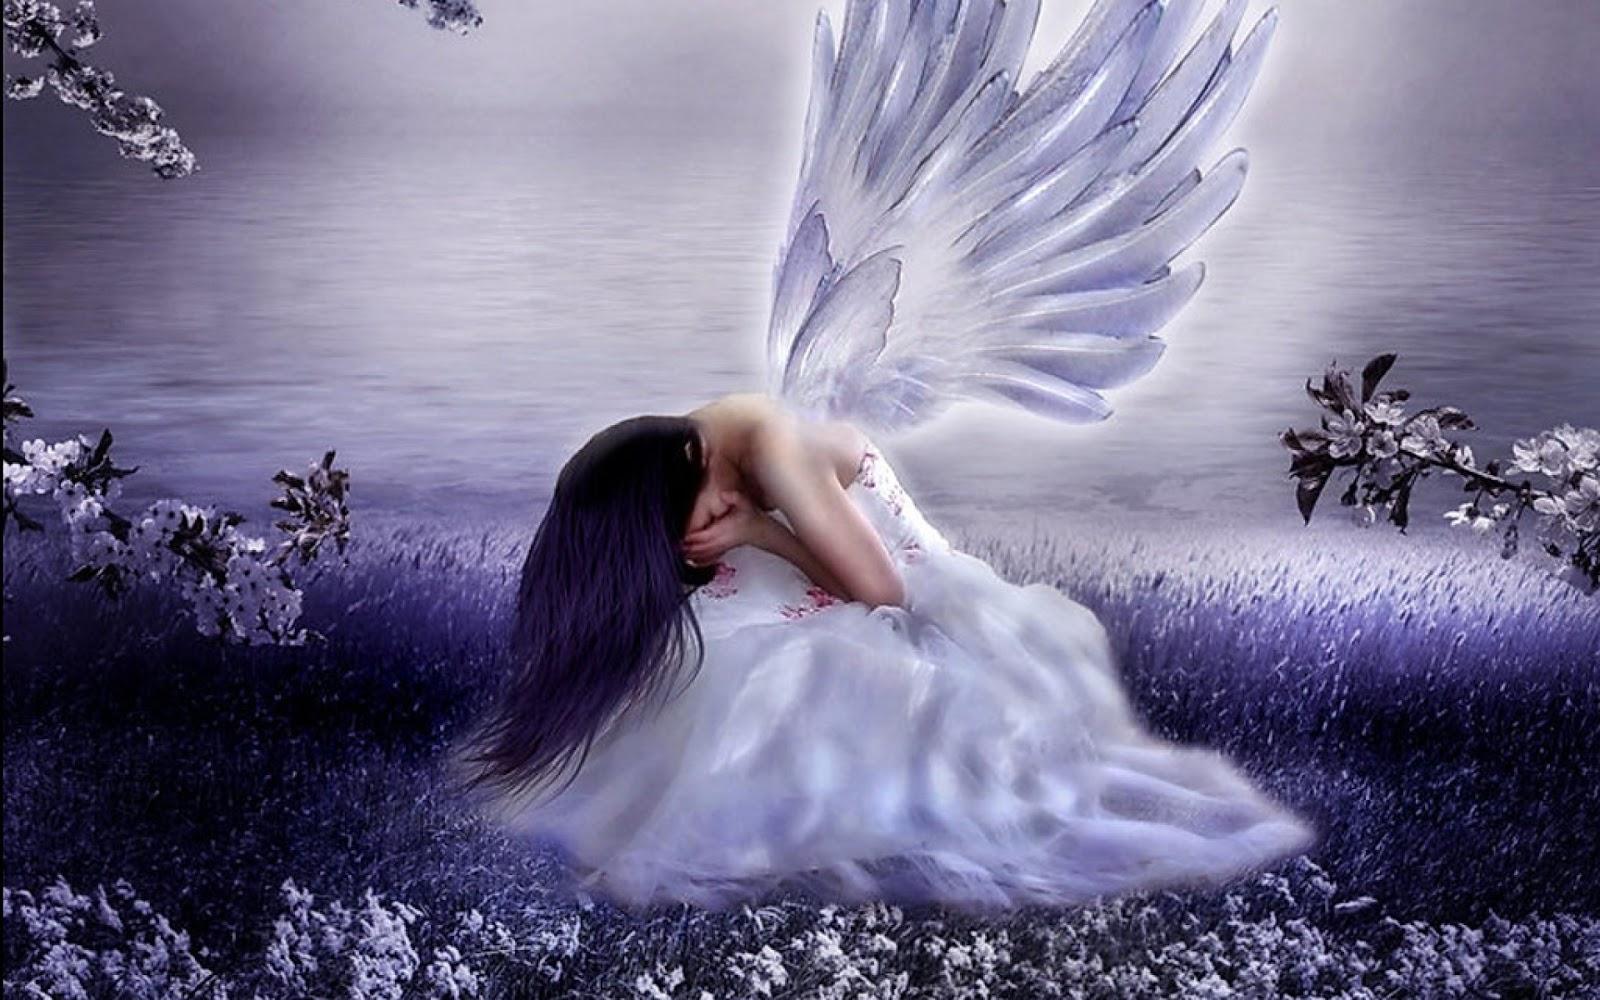 Bộ Sưu Tập Hình Ảnh Thiên Thần Dễ Thương nhừng buồn bã thất vọng vì tình yêu đôi lứa.